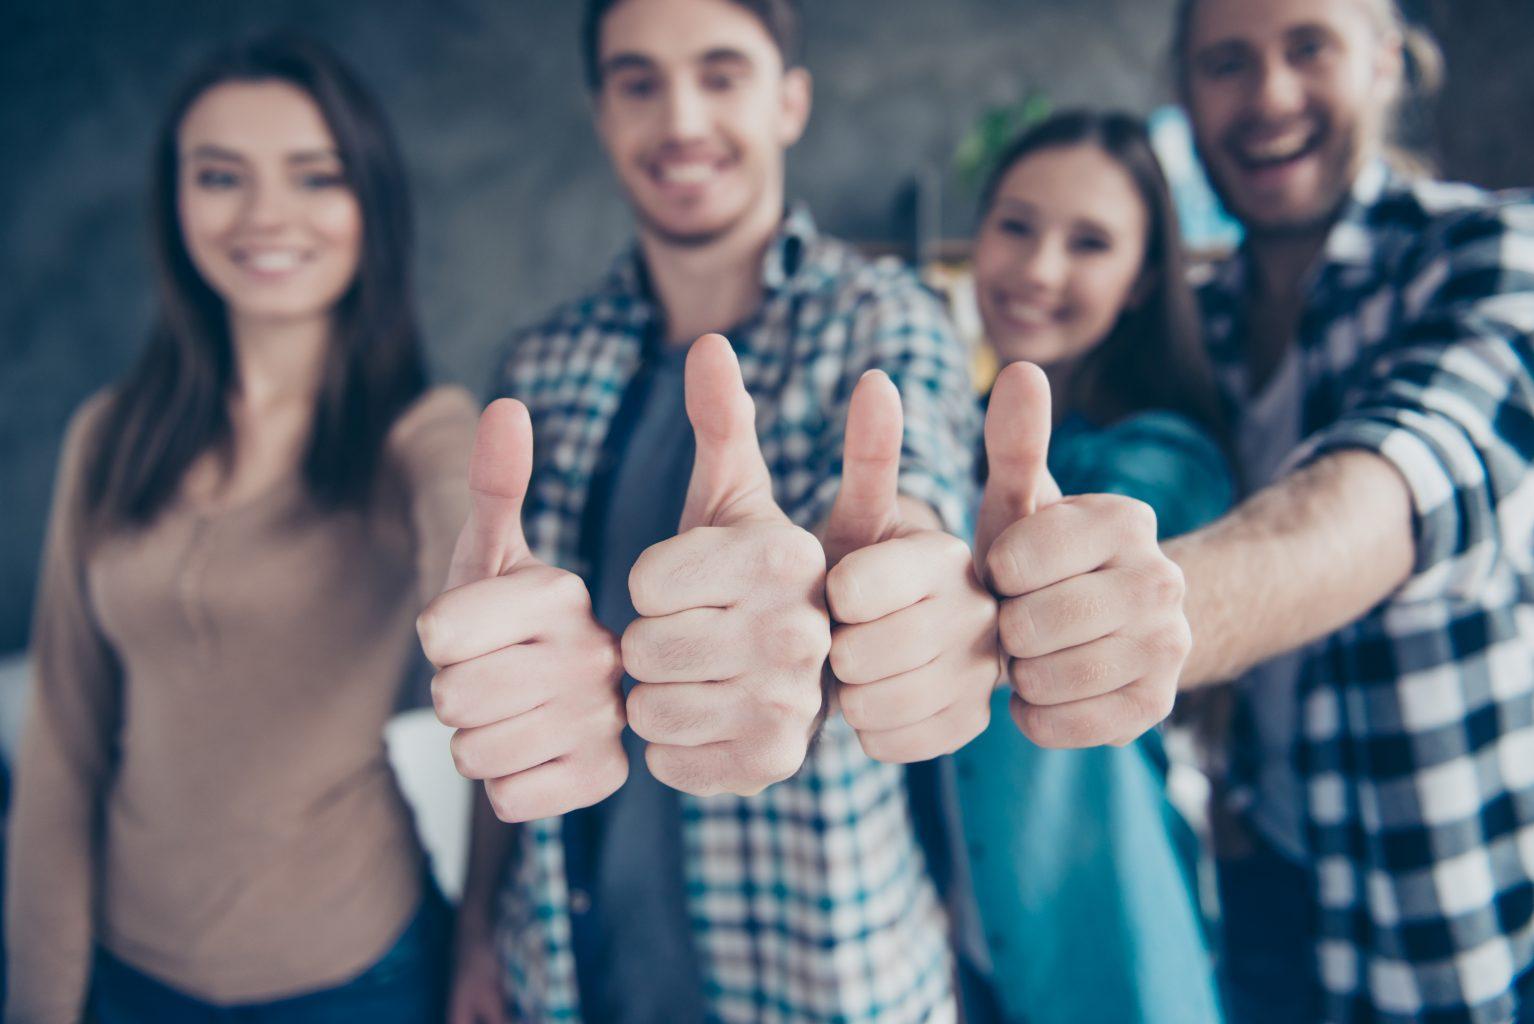 Individuelle Marktforschung Personengruppe Daumen hoch